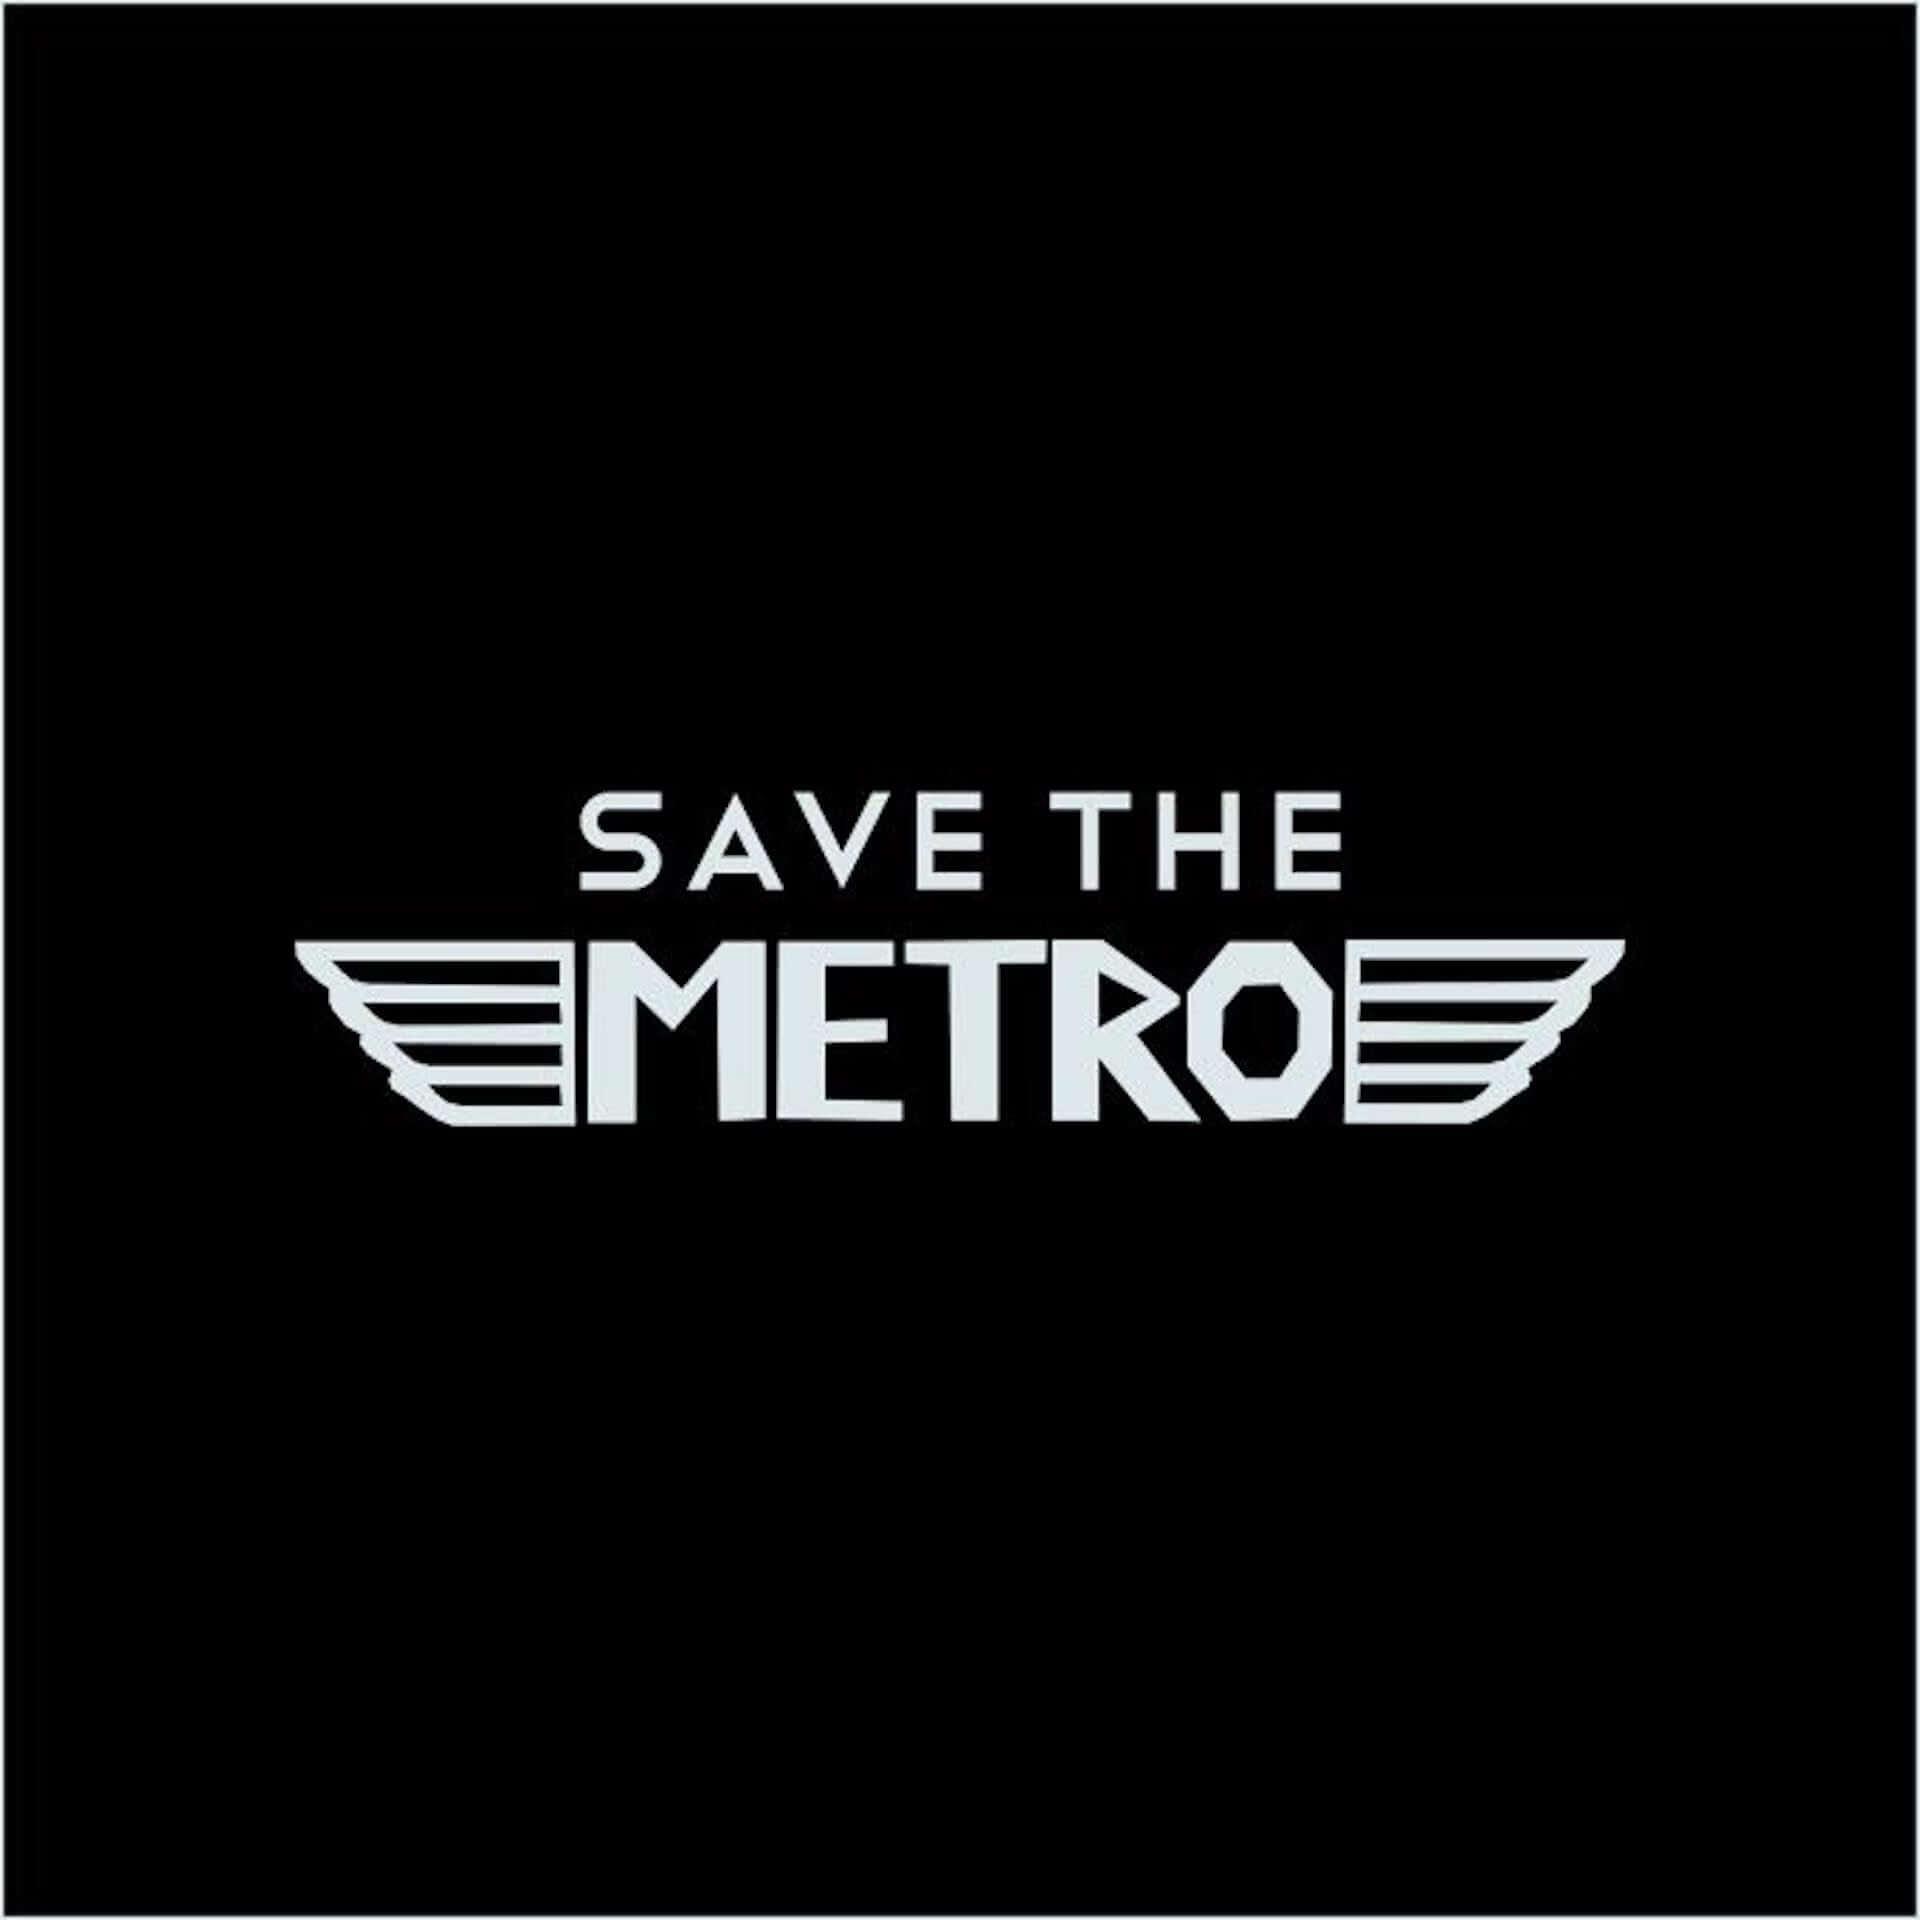 京都CLUB METROを支援しよう!「SAVE THE METRO」による沖野修也ら計59組のDJ/アーティストが参加したコンピレーションがリリース music200424_savethemetro_10-1920x1920